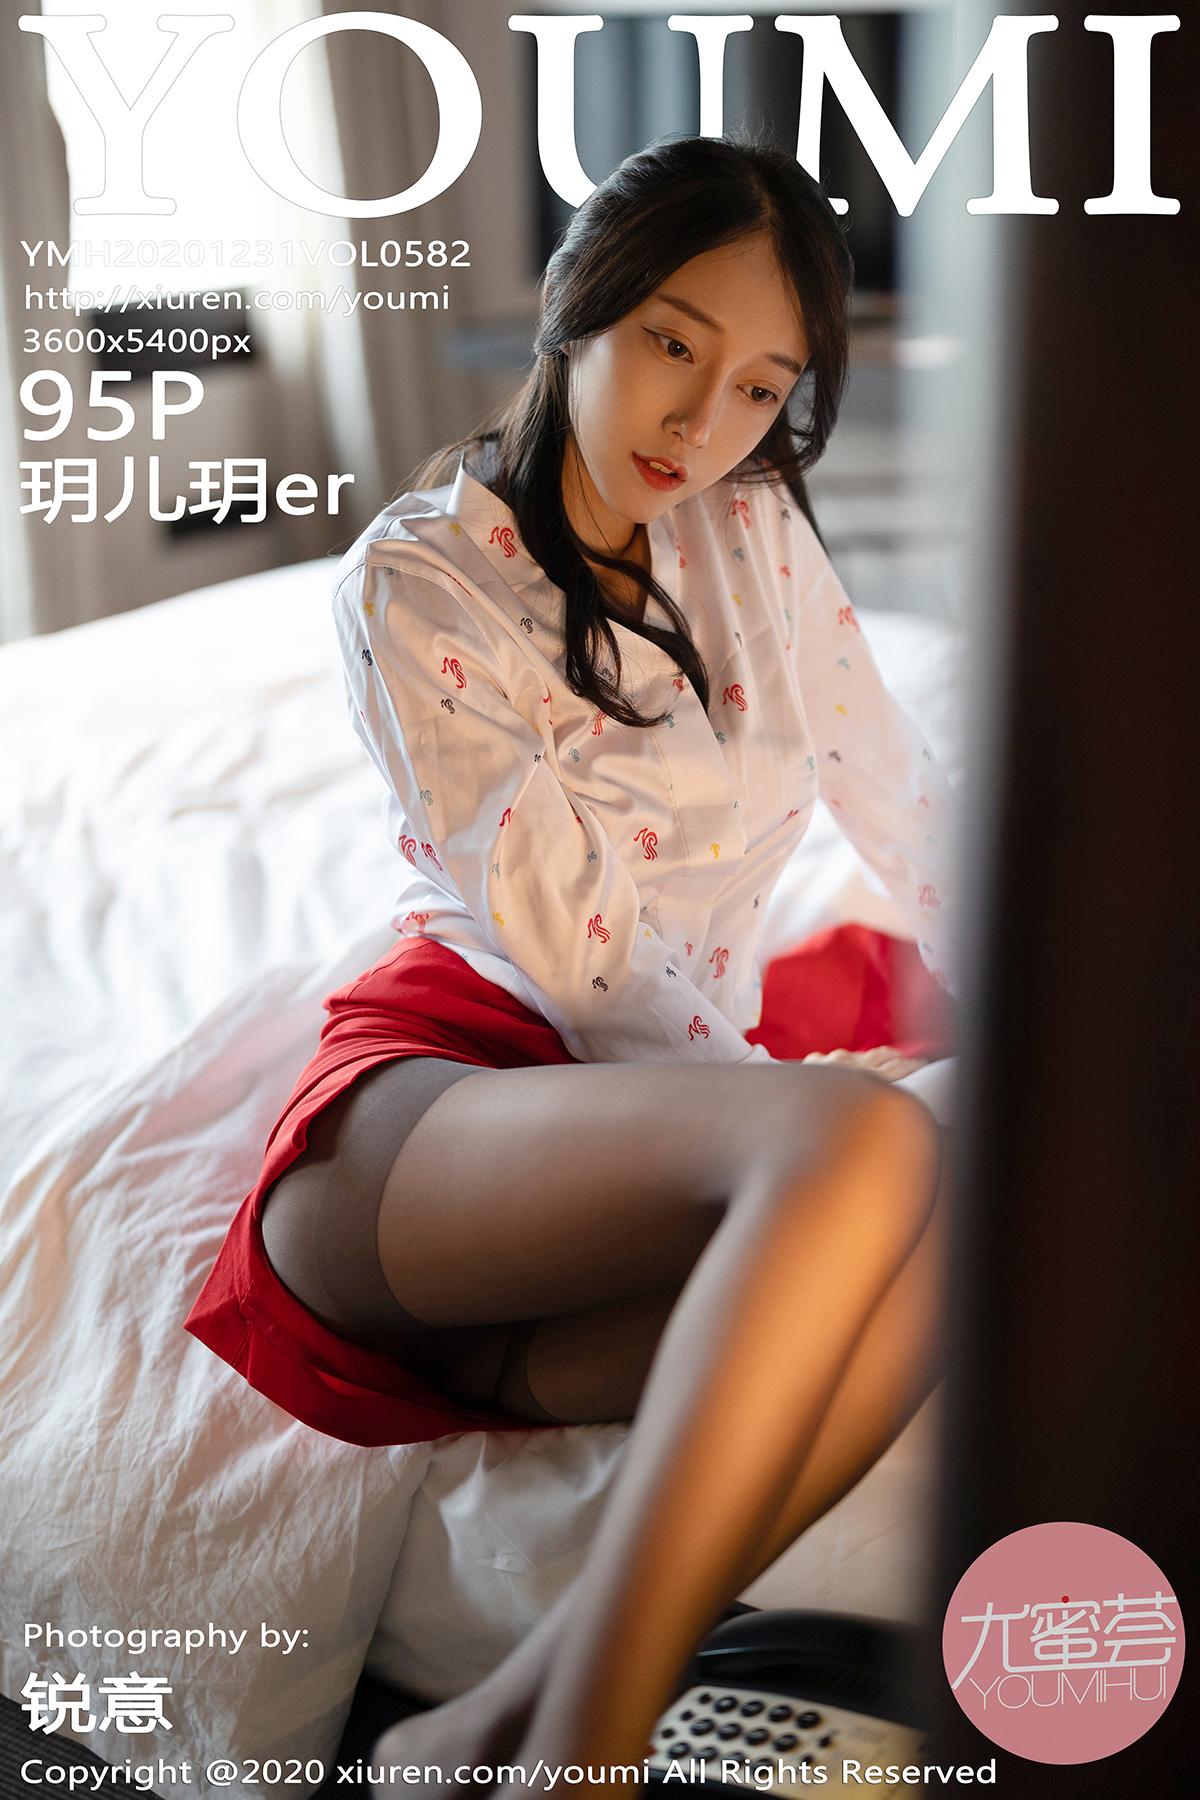 尤蜜荟 [YOUMI] 2020.12.31 VOL.582 玥儿玥er